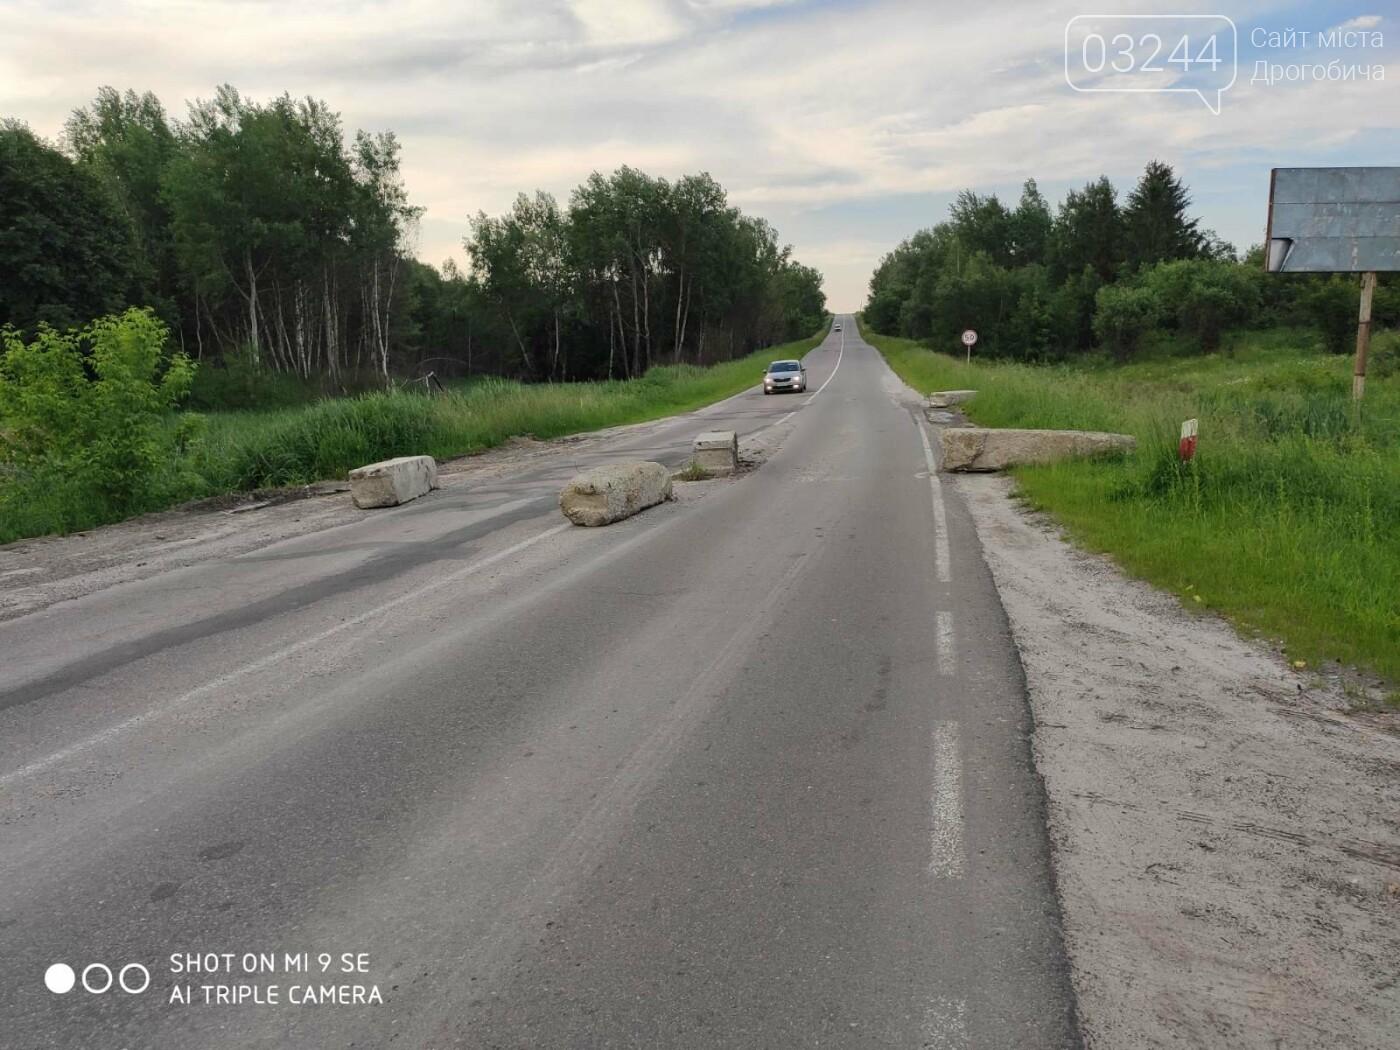 Дорога Дрогобич-Трускавець відкрита для транспорту: відсунуто блоки та шлагбаум. Однак, водіям слід бути обачними, фото-2